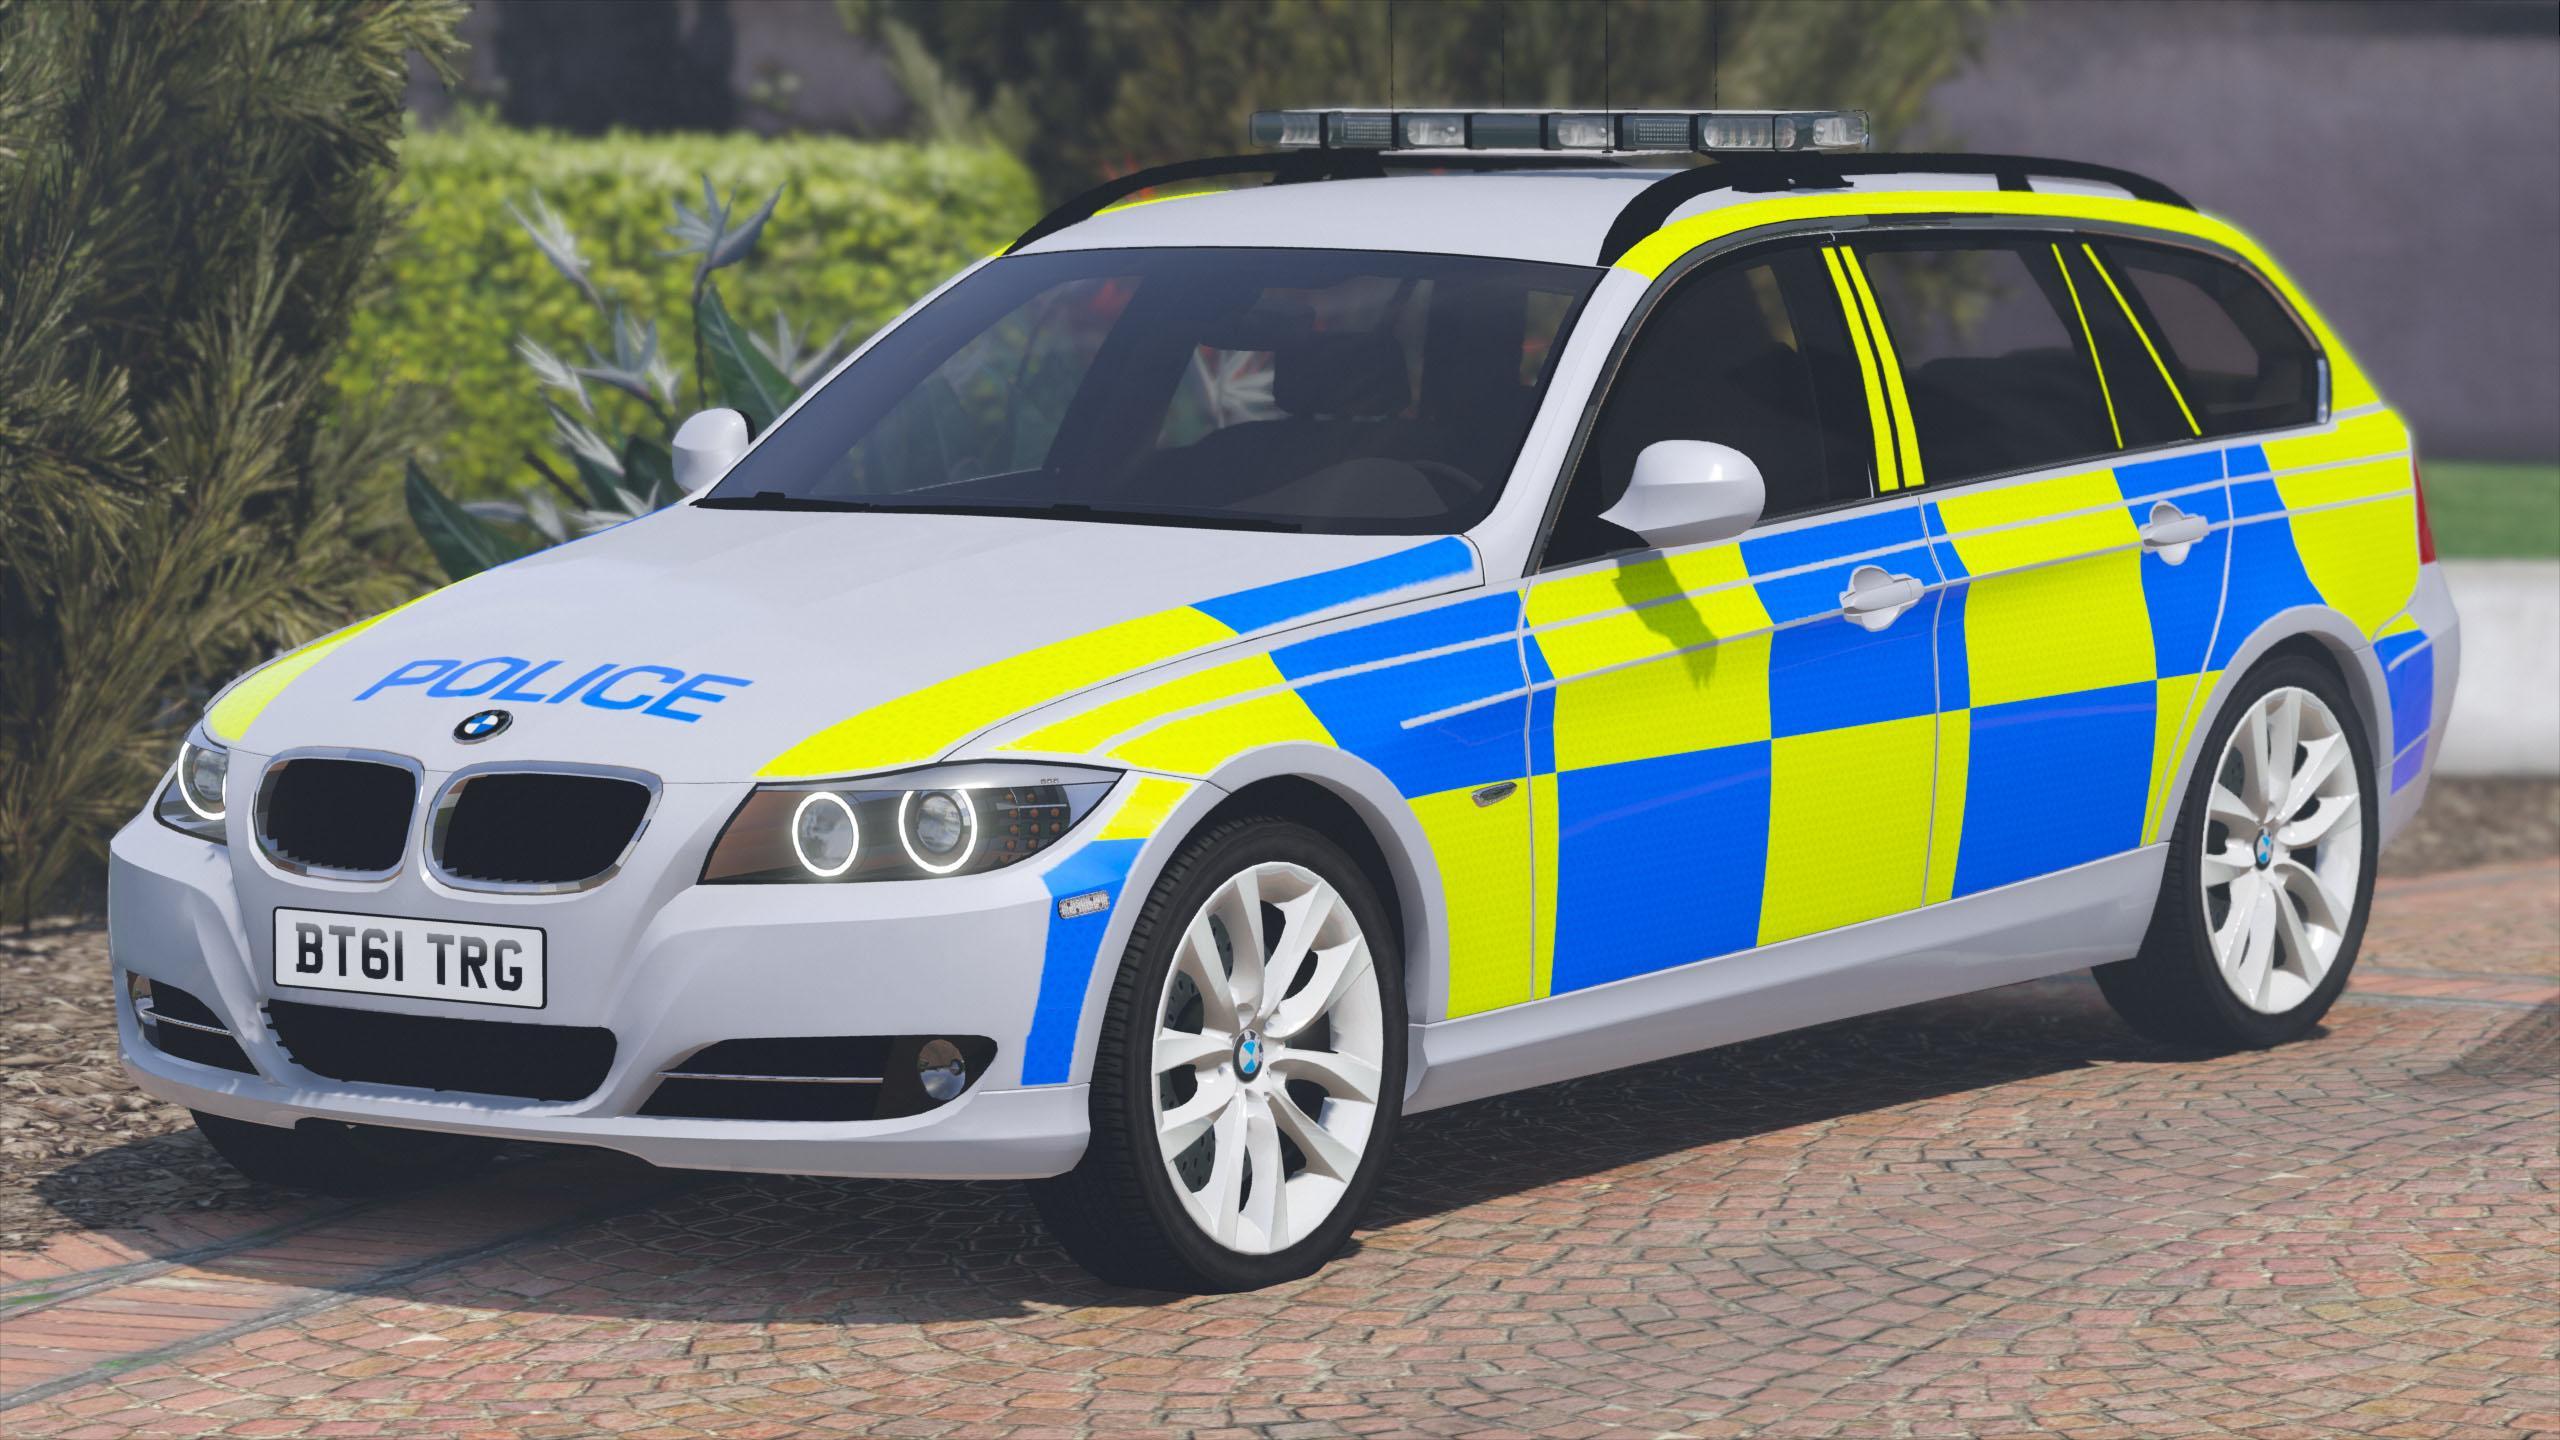 2011 police bmw 330d touring gta5. Black Bedroom Furniture Sets. Home Design Ideas